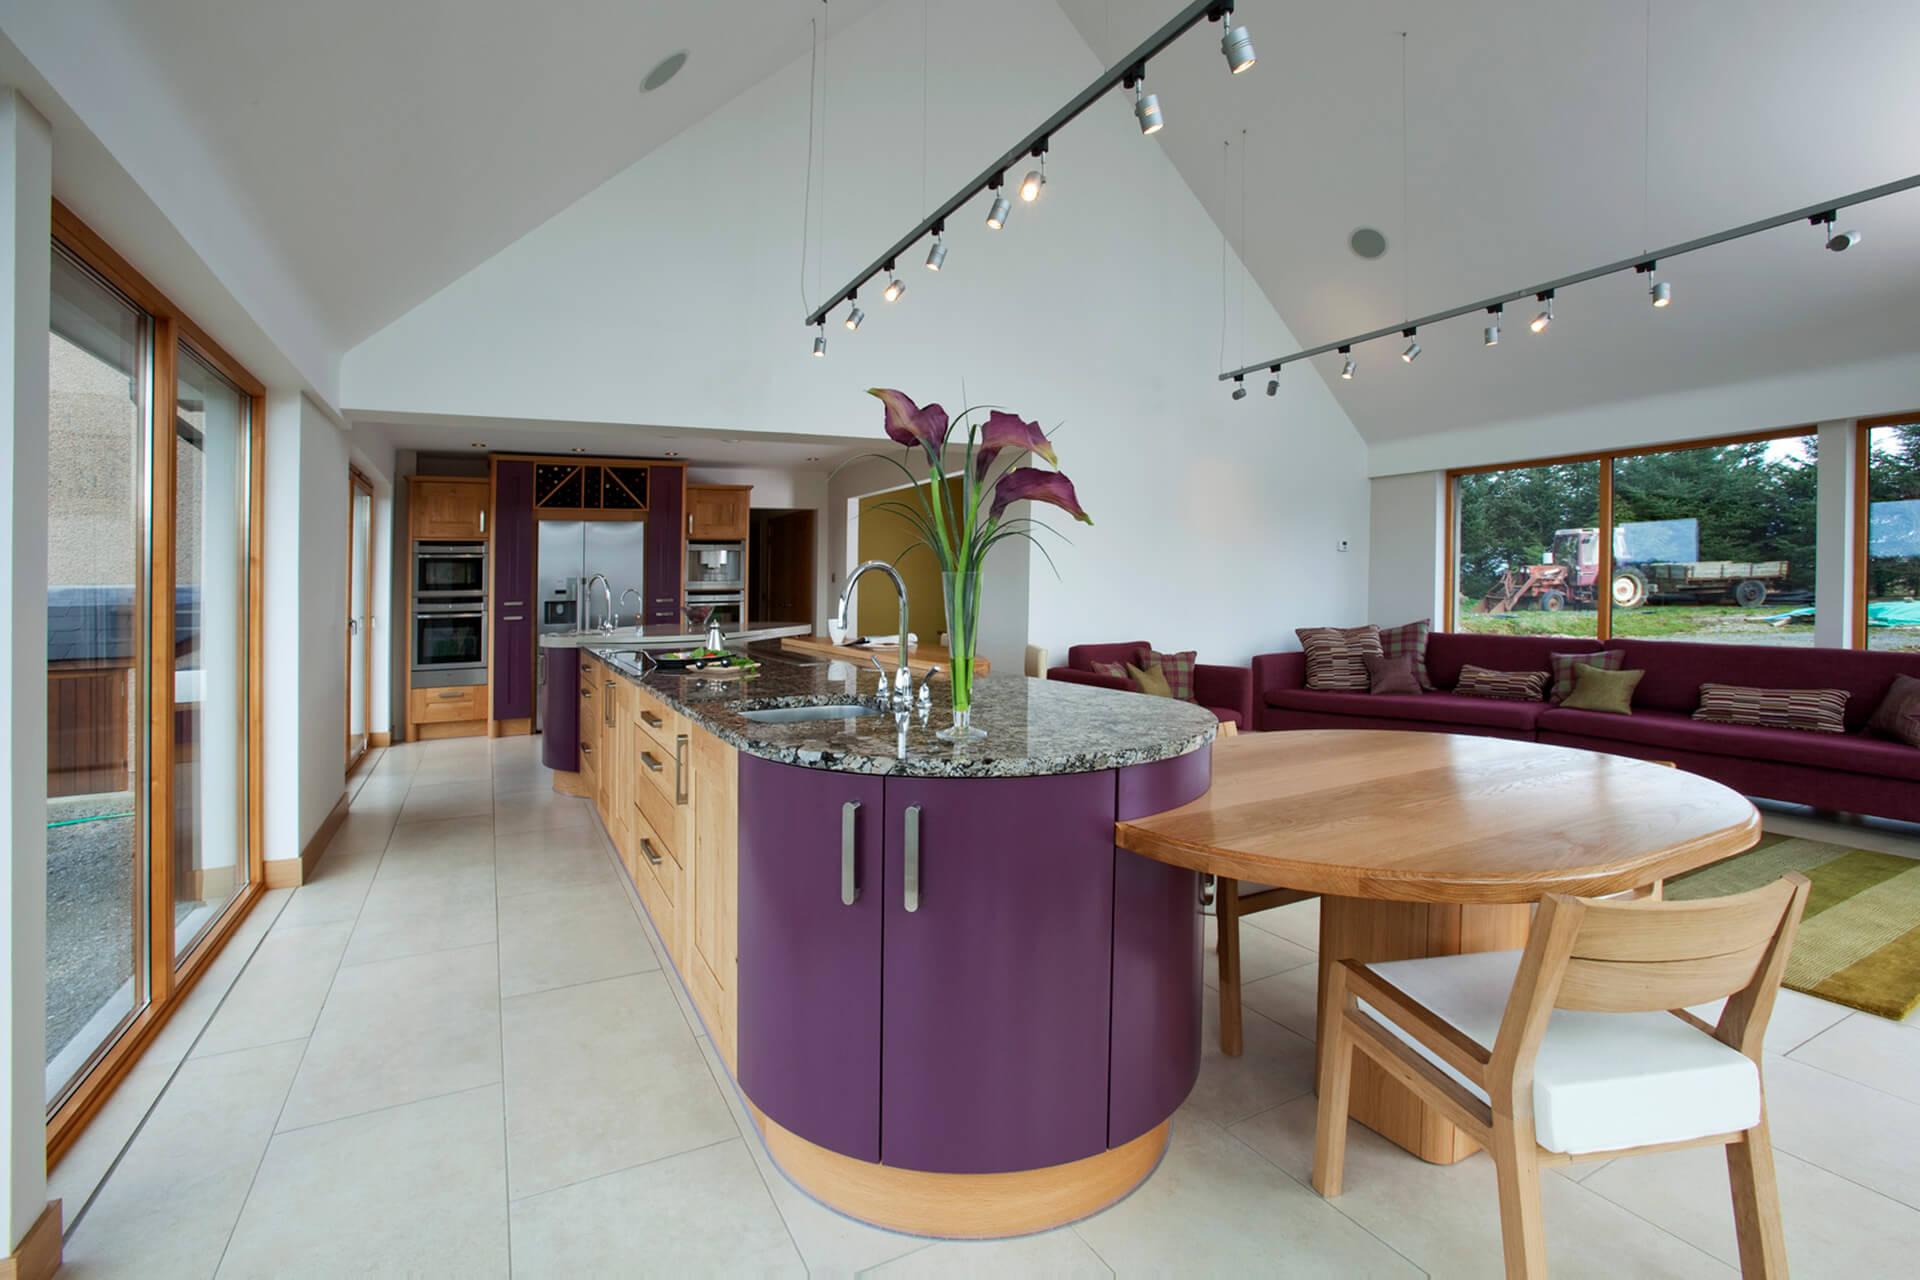 Linley Kitchen 9